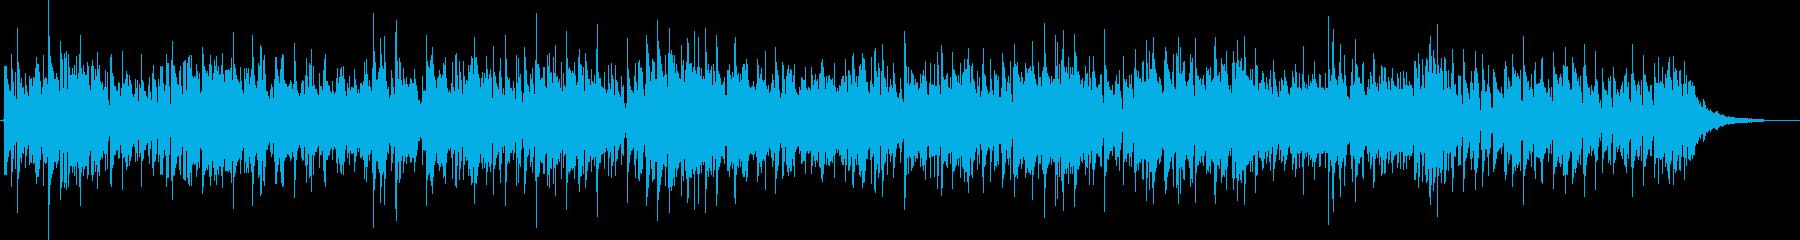 春 アコギと電子音 ひばり うぐいす 鳥の再生済みの波形